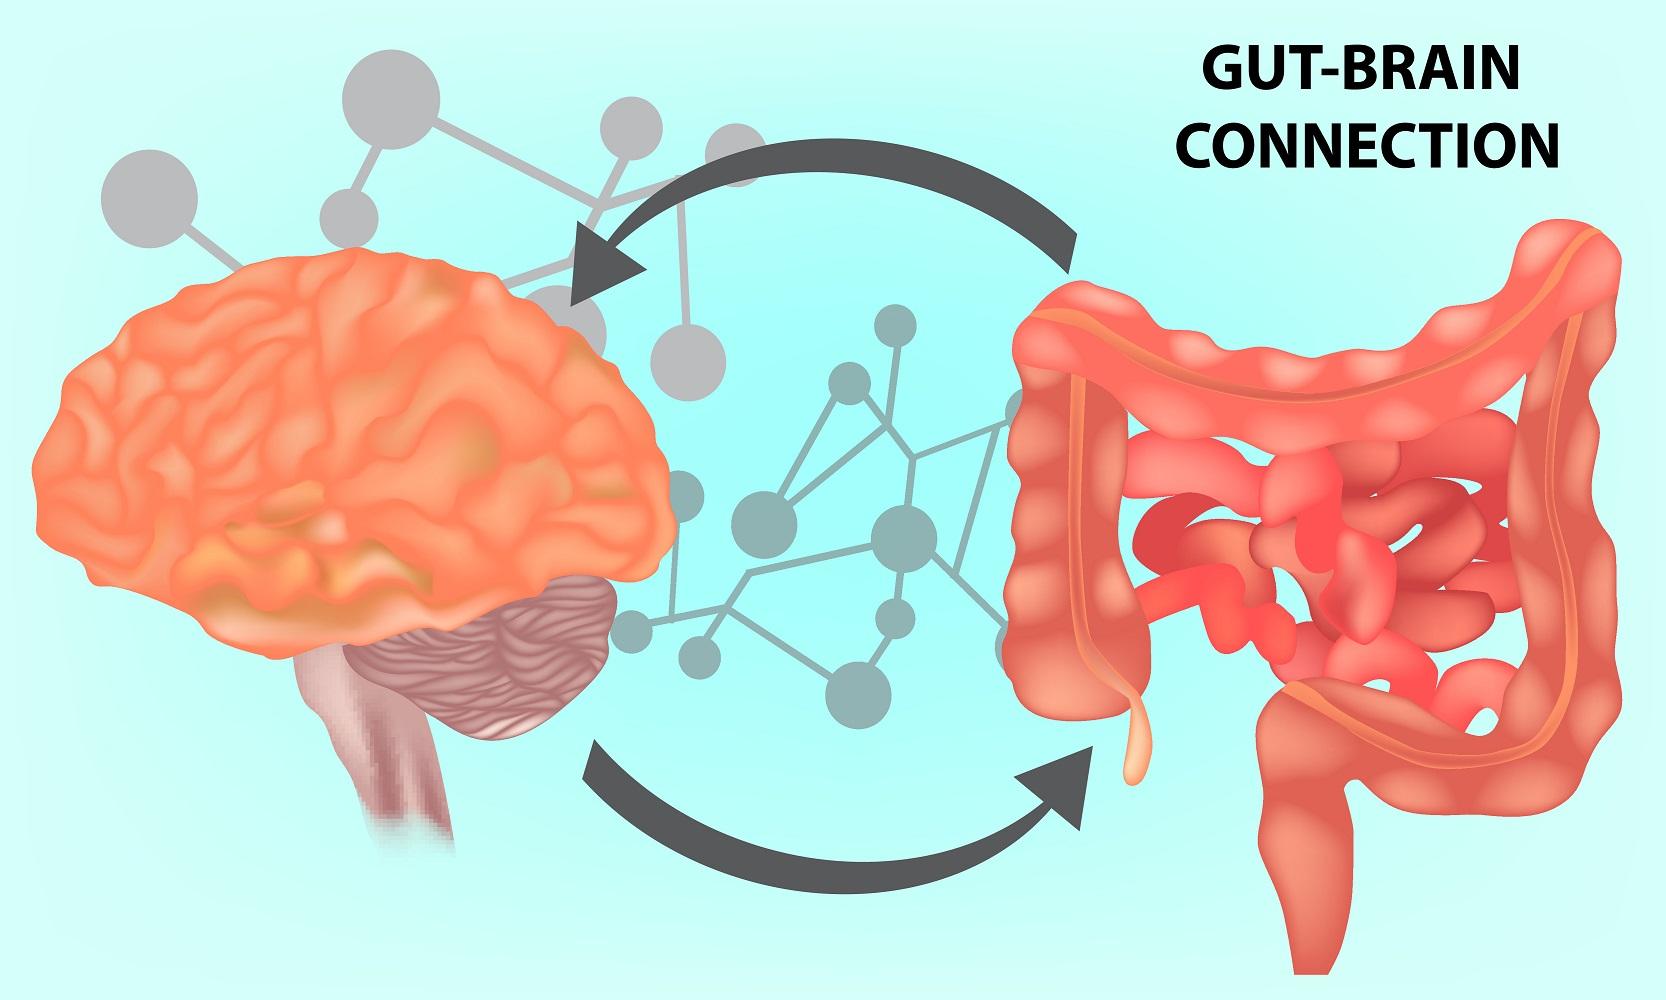 腸内環境で性格まで変わる!? 健康管理に役立つ「脳腸相関」の考え方